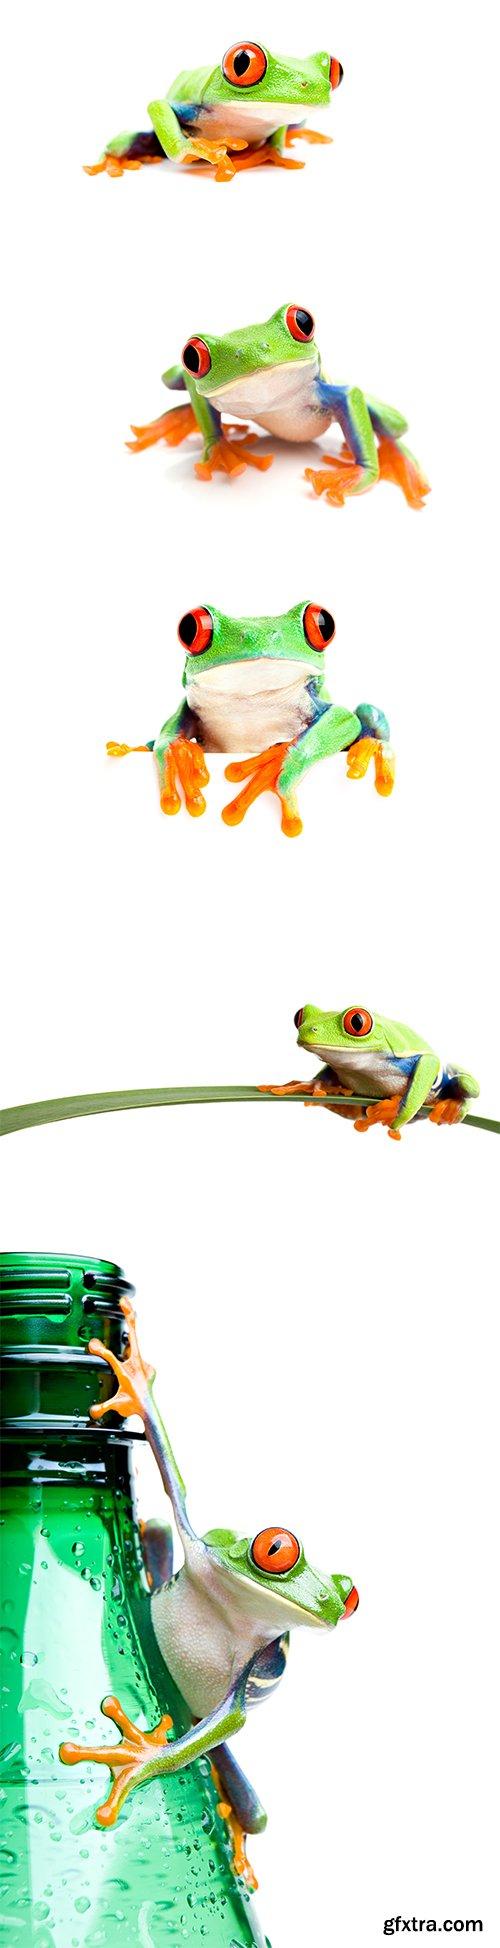 Frog Isolated - 10xJPGs